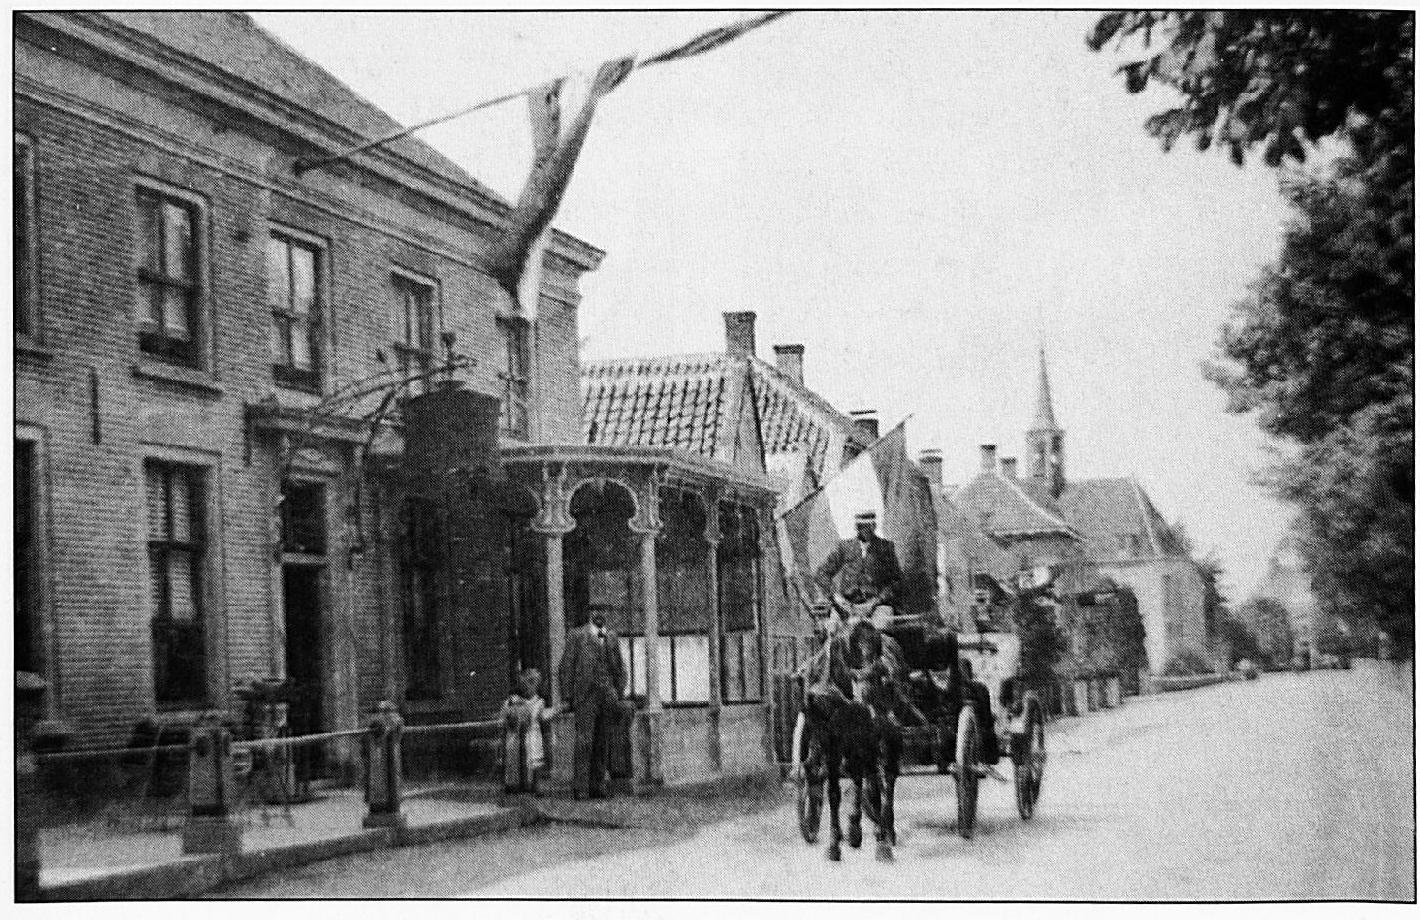 Deze foto van voor de oorlog is genomen op Koninginnedag. Wie kon toen vermoeden, dat op de plaats juist achter de koets, bij de afslag naar de Wilhelminastraat, in de nacht van 13 op 14 juli 1944, Hanny Rutten vermoord zou worden.